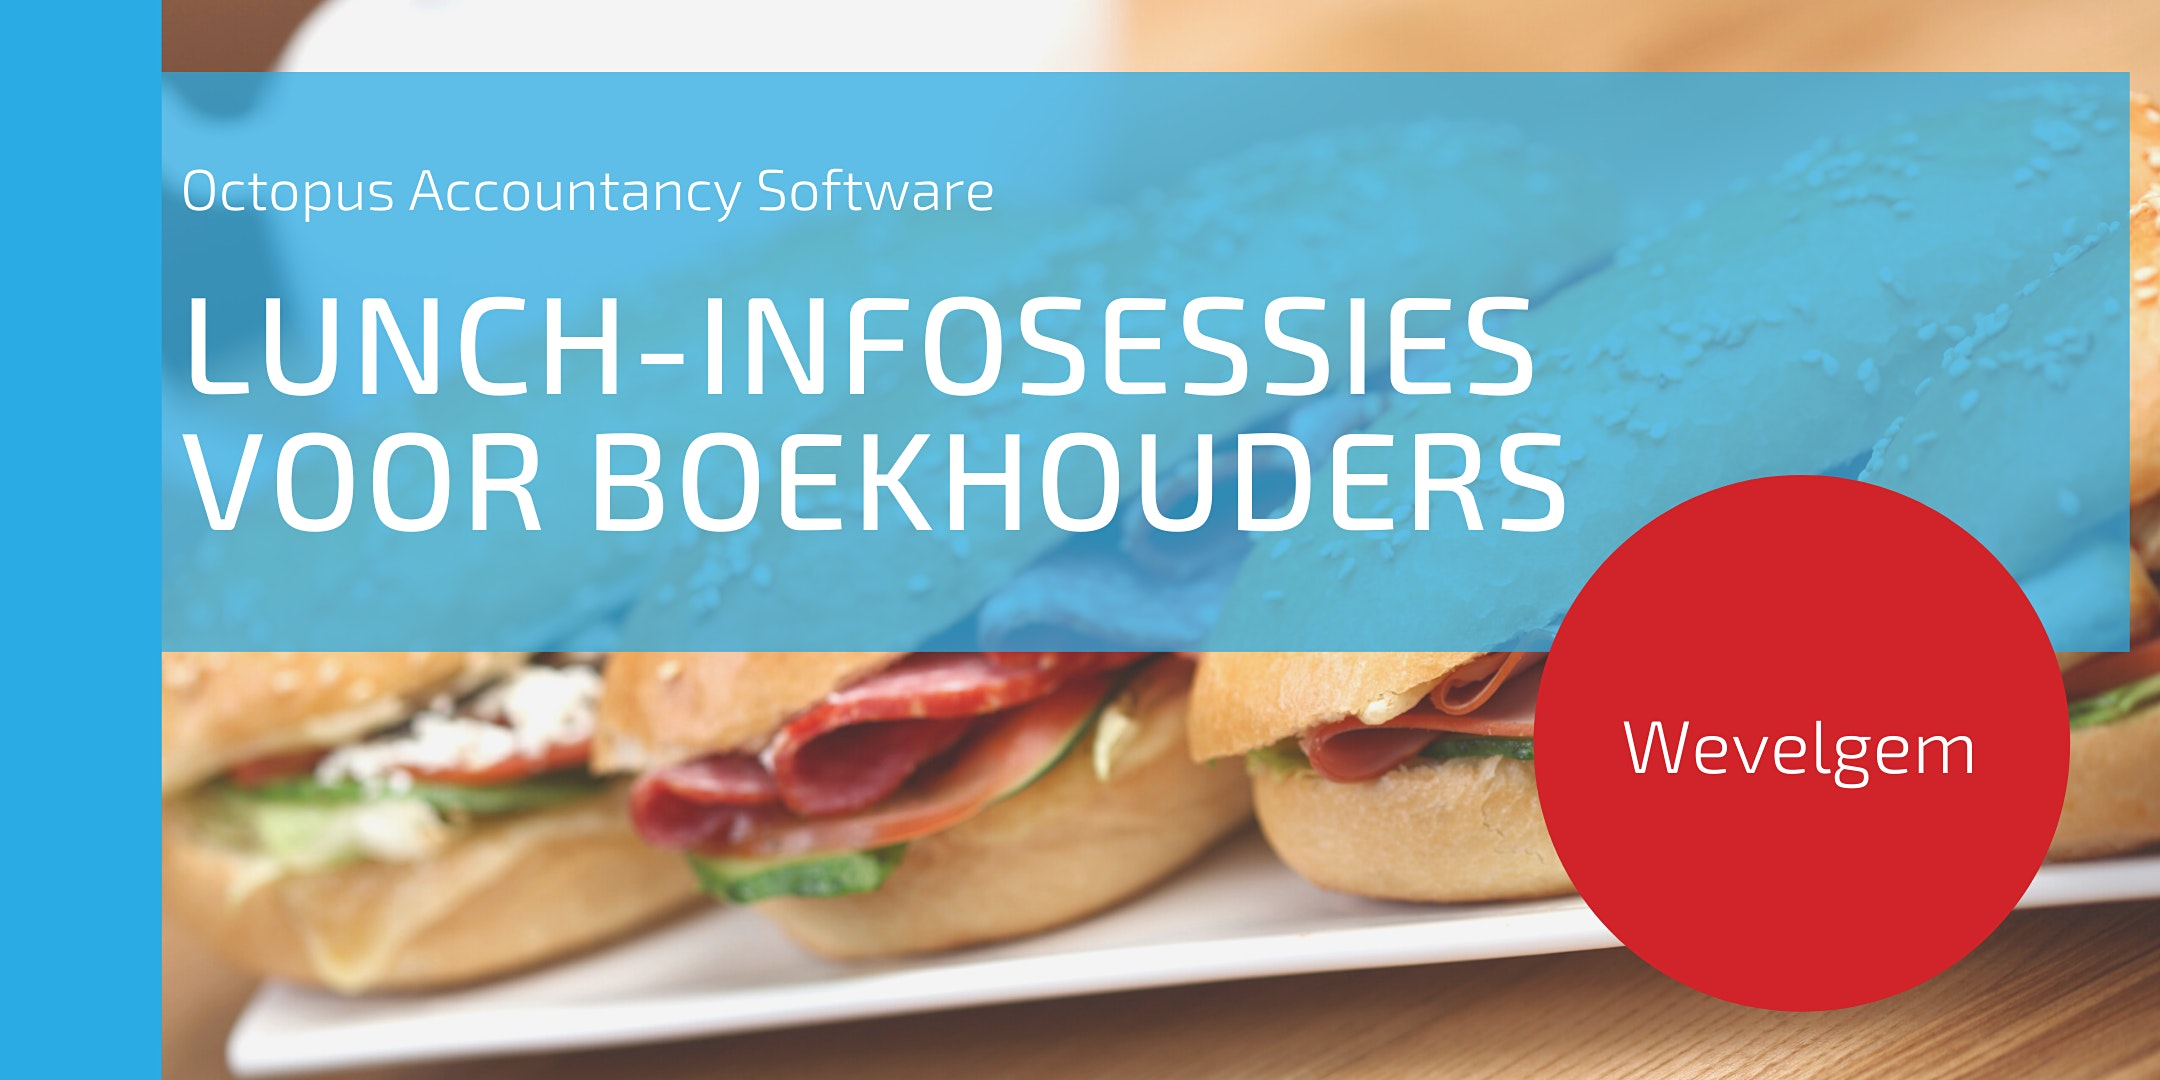 Wevelgem: Lunch-infosessies voor boekhouders